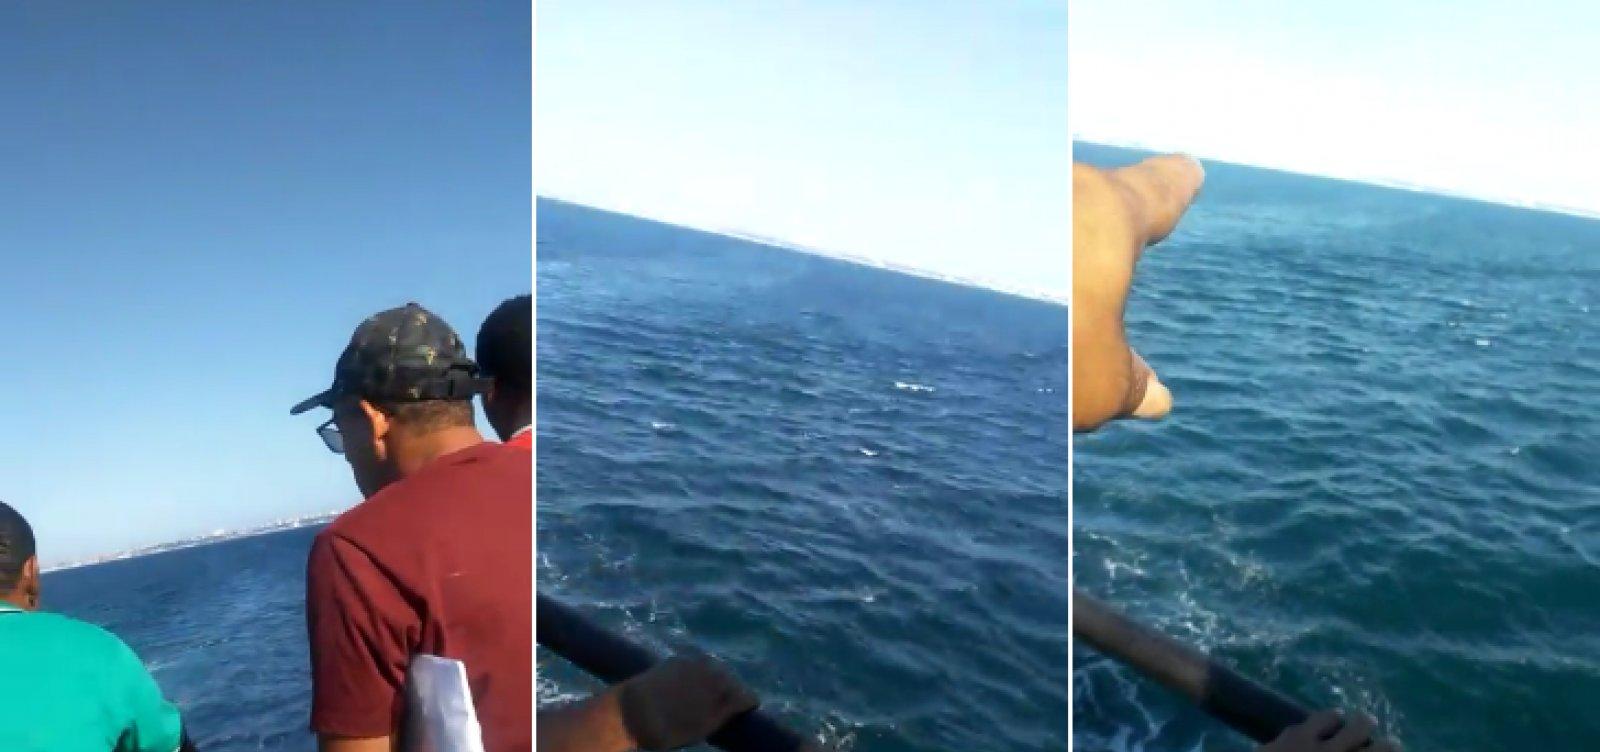 [Mulher cai de ferry-boat durante travessia São Joaquim-Bom Despacho]